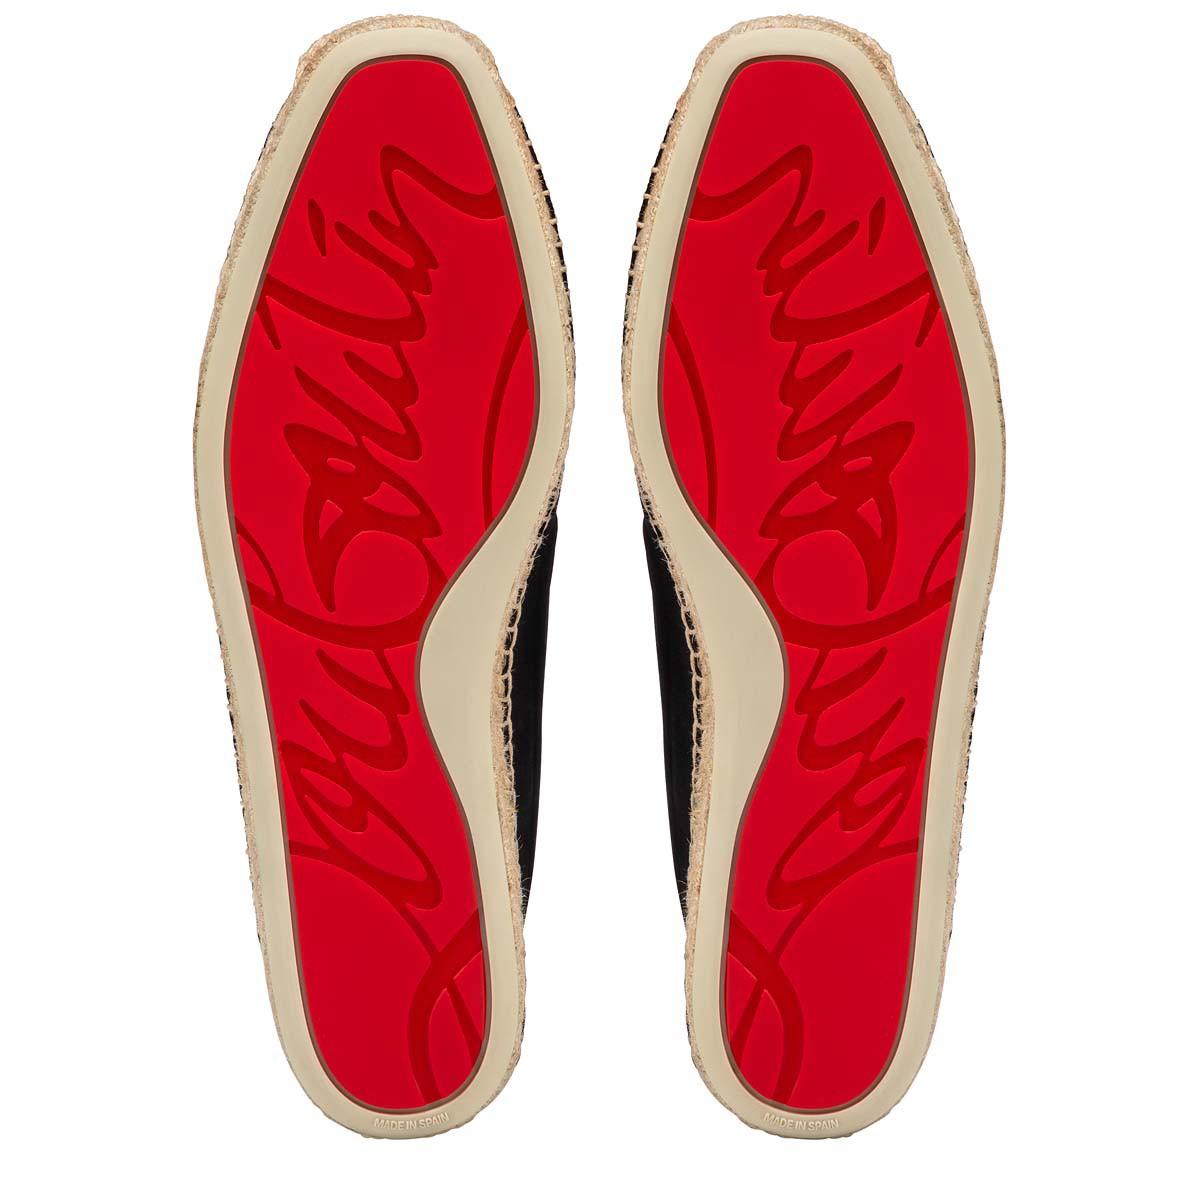 Shoes - Paquepapa - Christian Louboutin